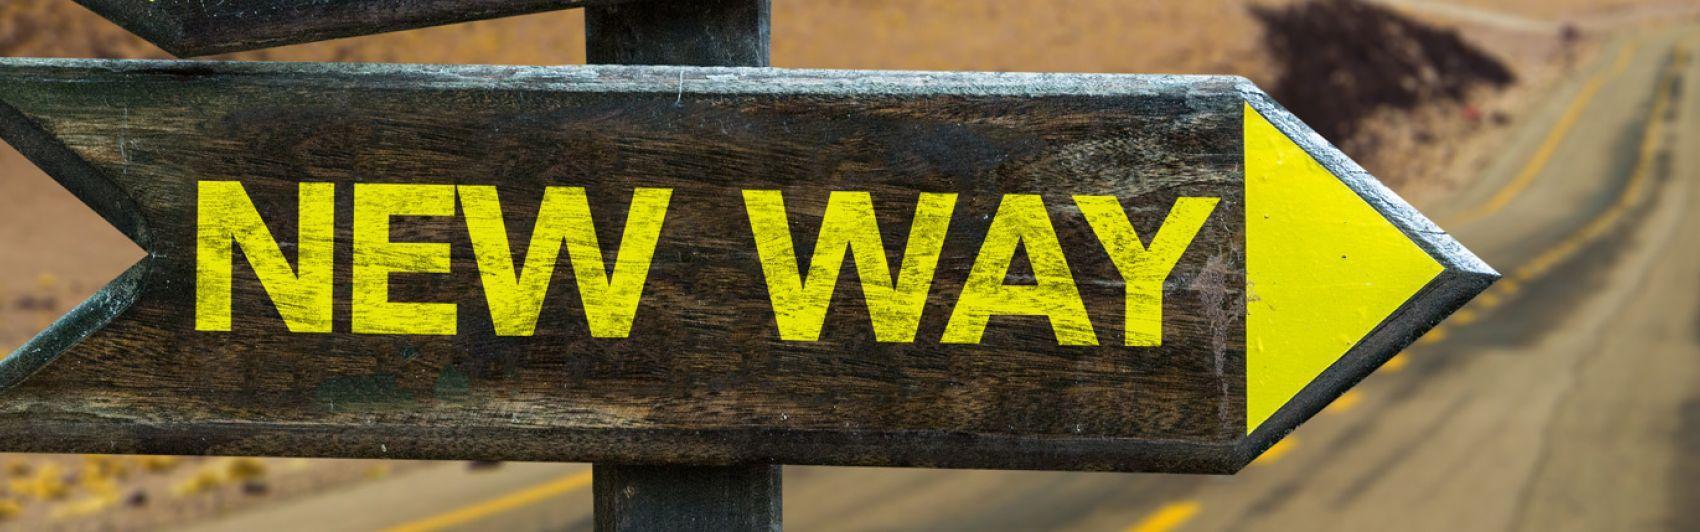 New Way, Wegweiser, Landstraße